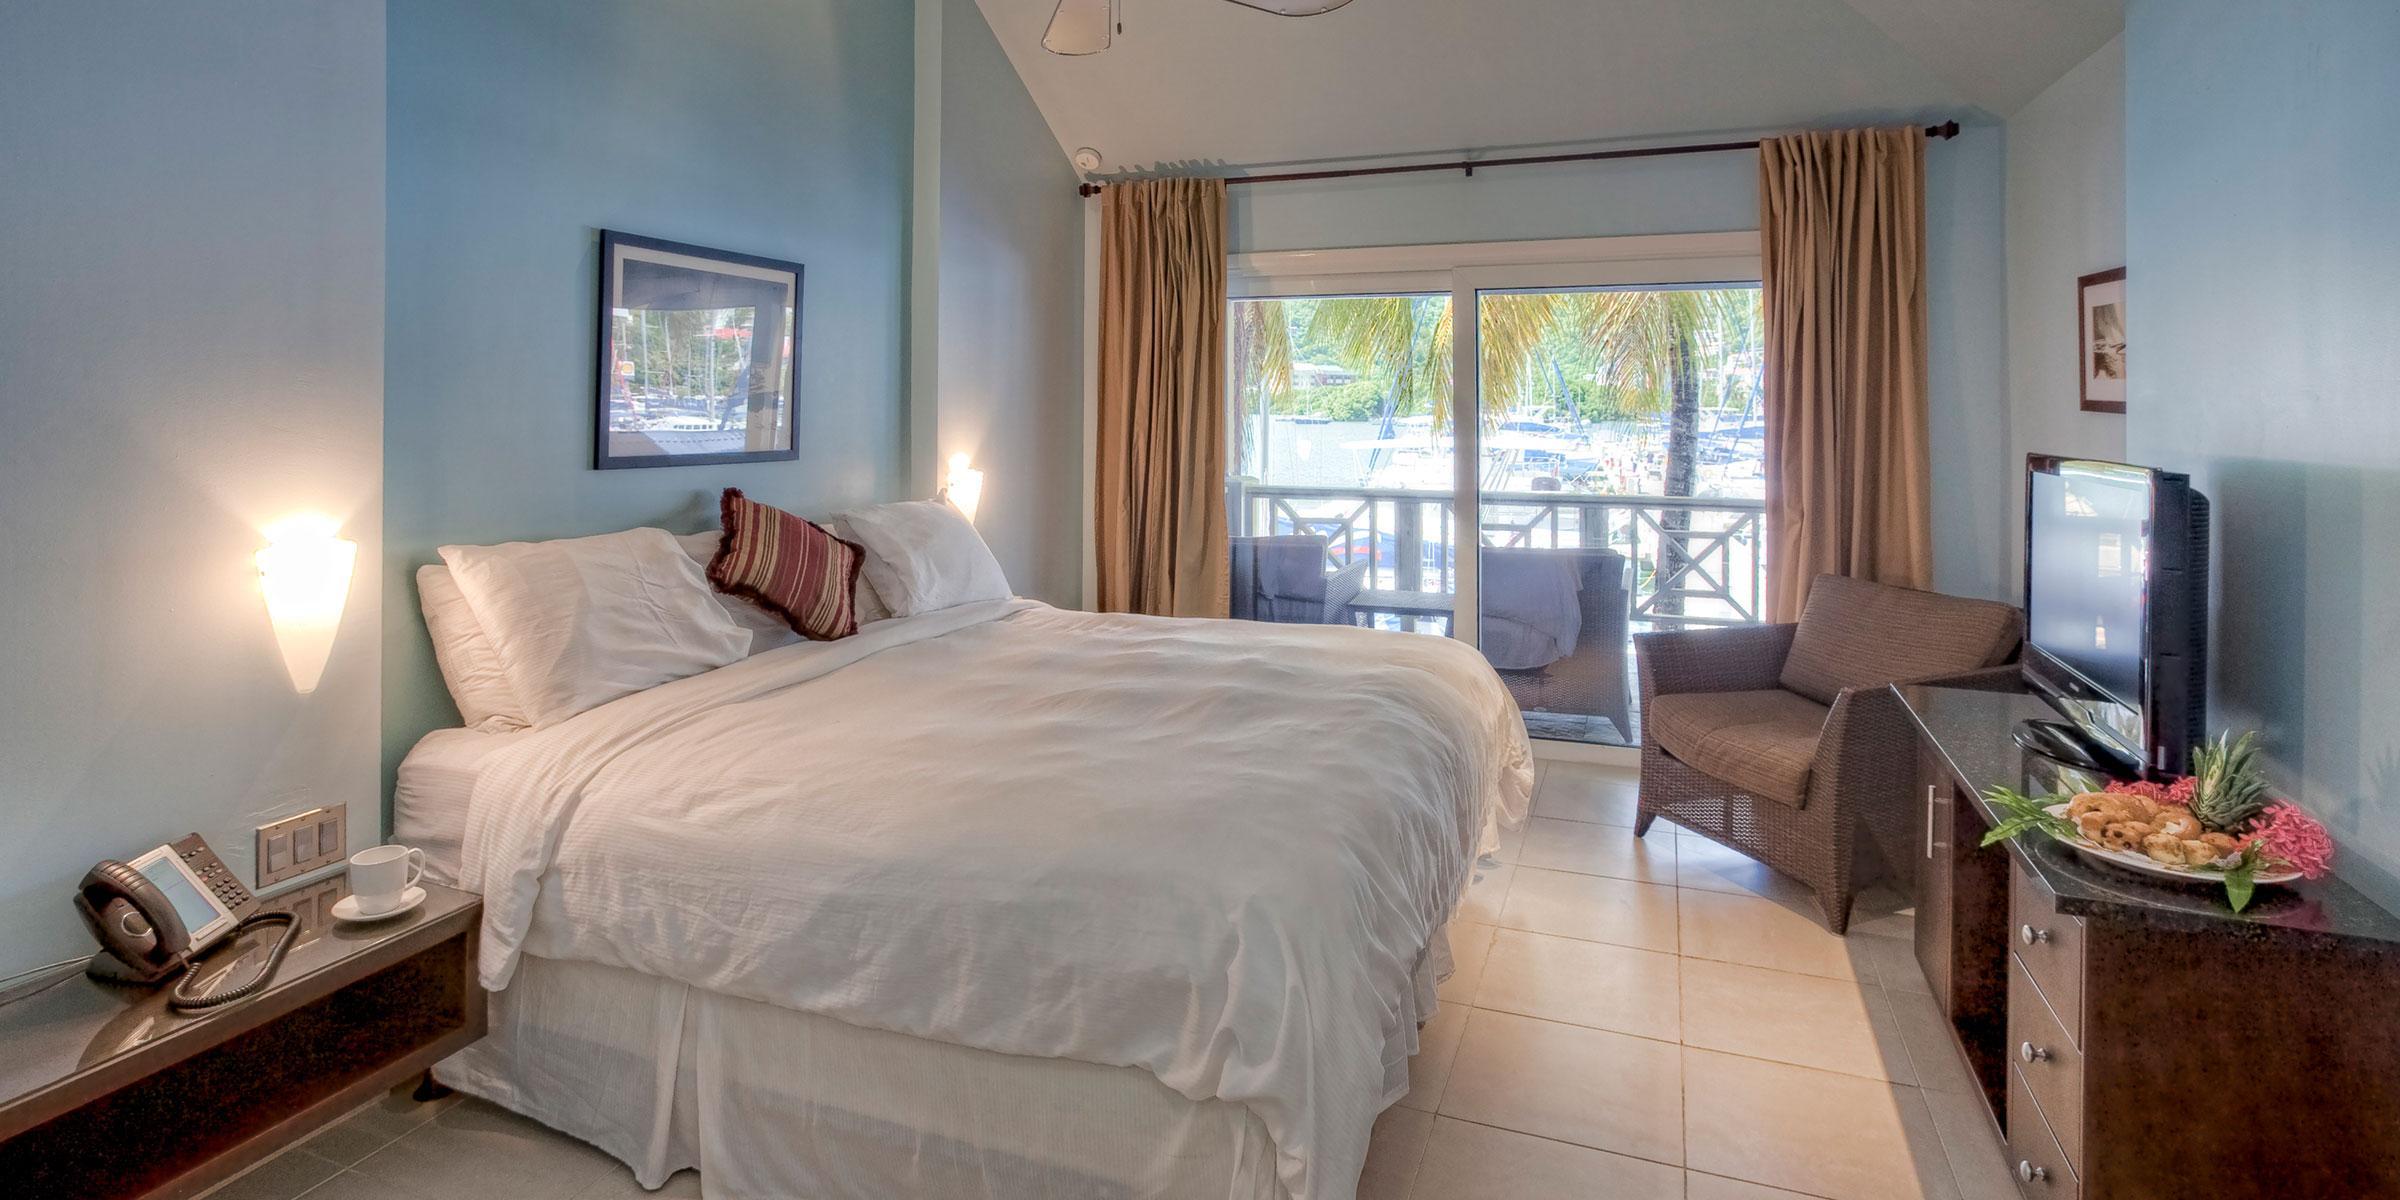 Mariner Inn Hotel room